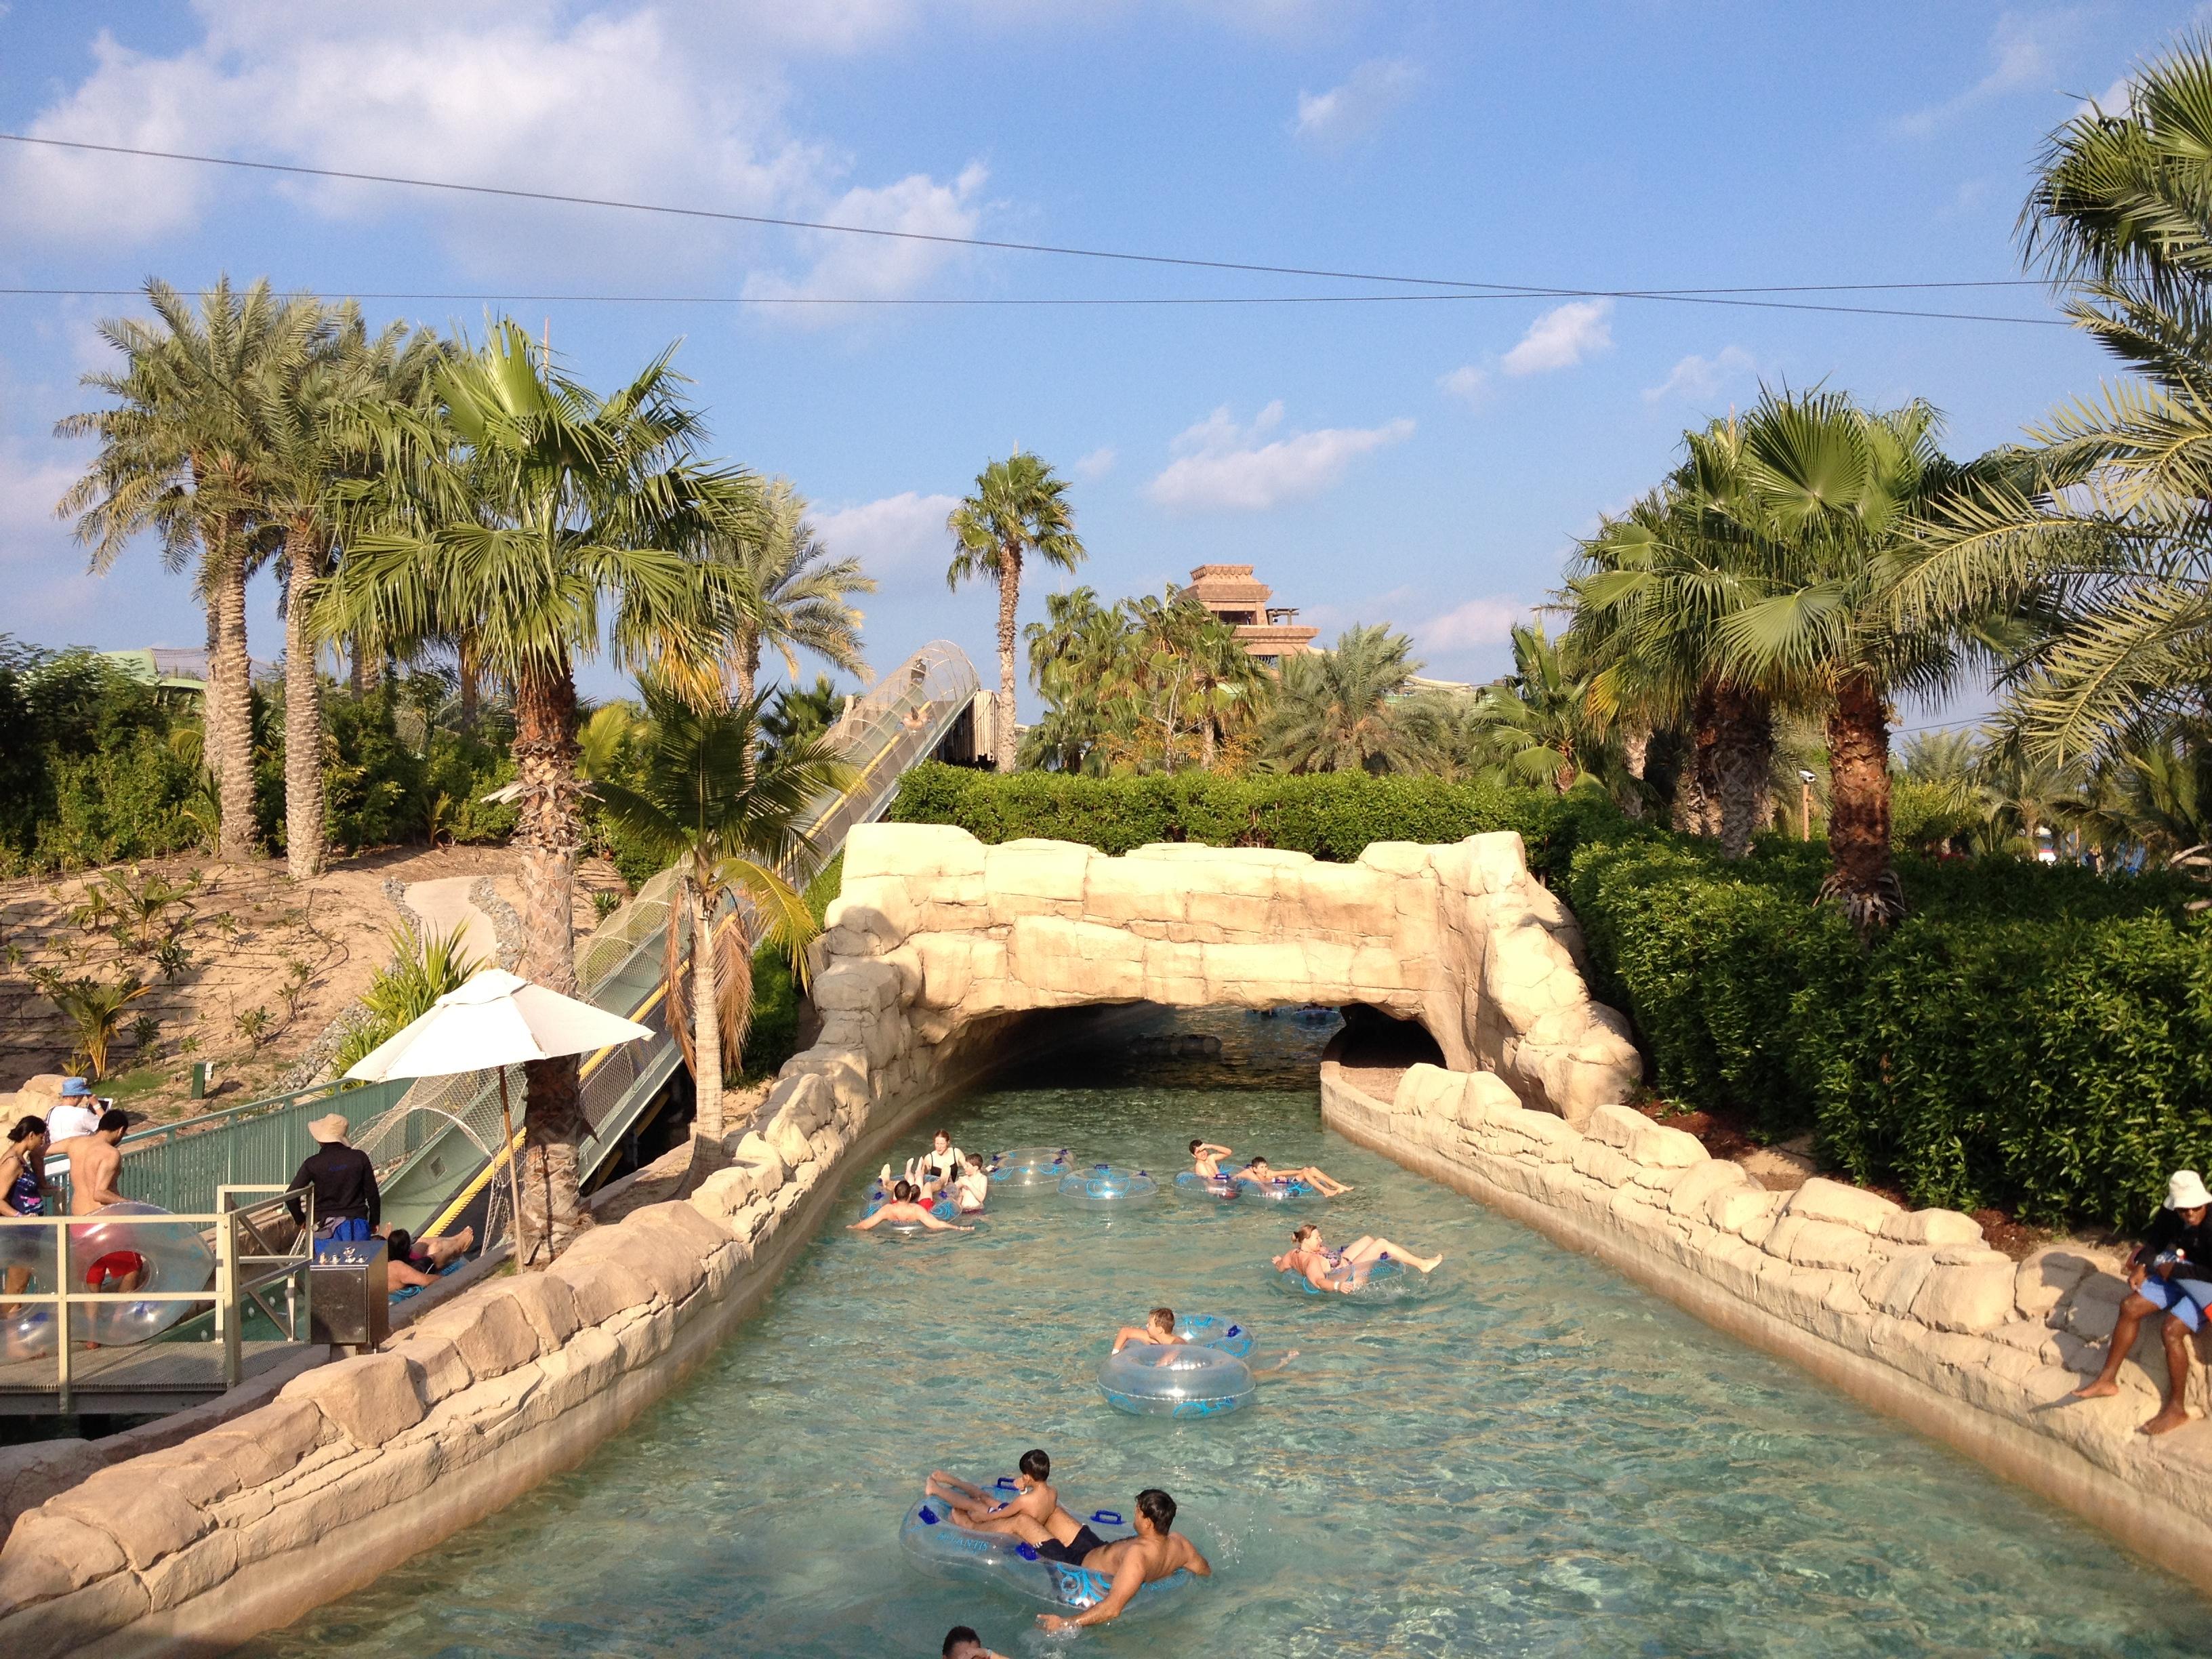 亚特兰蒂斯水上乐园,迪拜亚特兰蒂斯水上乐园攻略